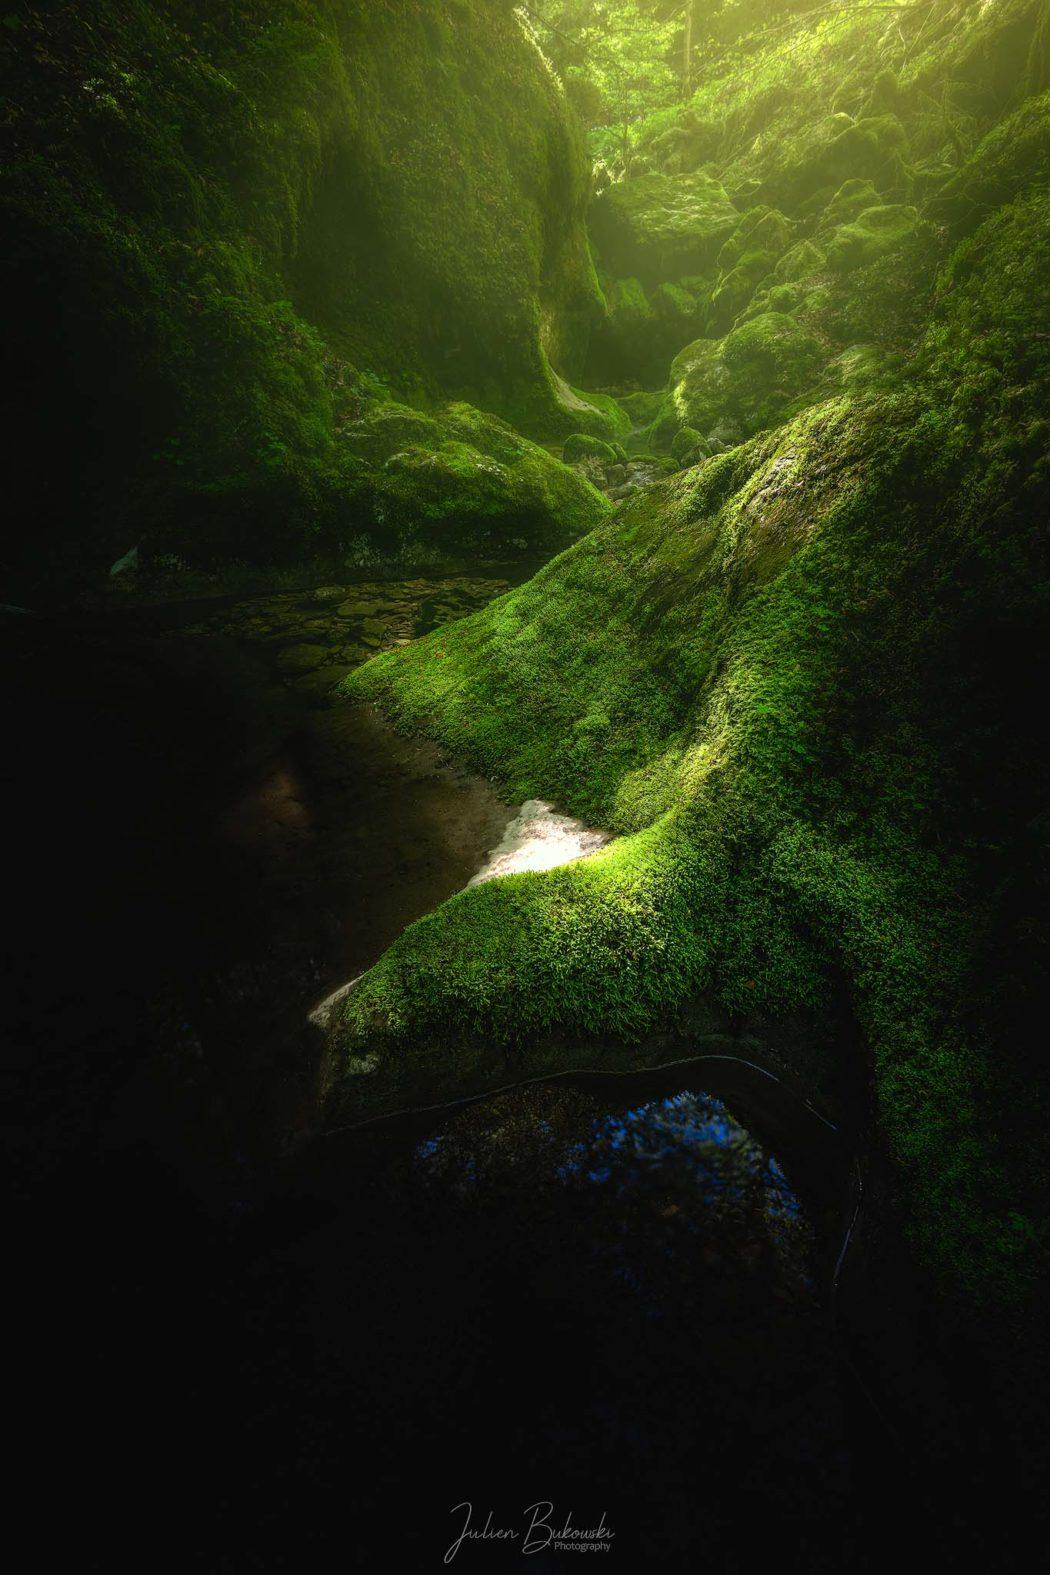 small light for the river (Gorges de la Poeta Raisse - Suisse)